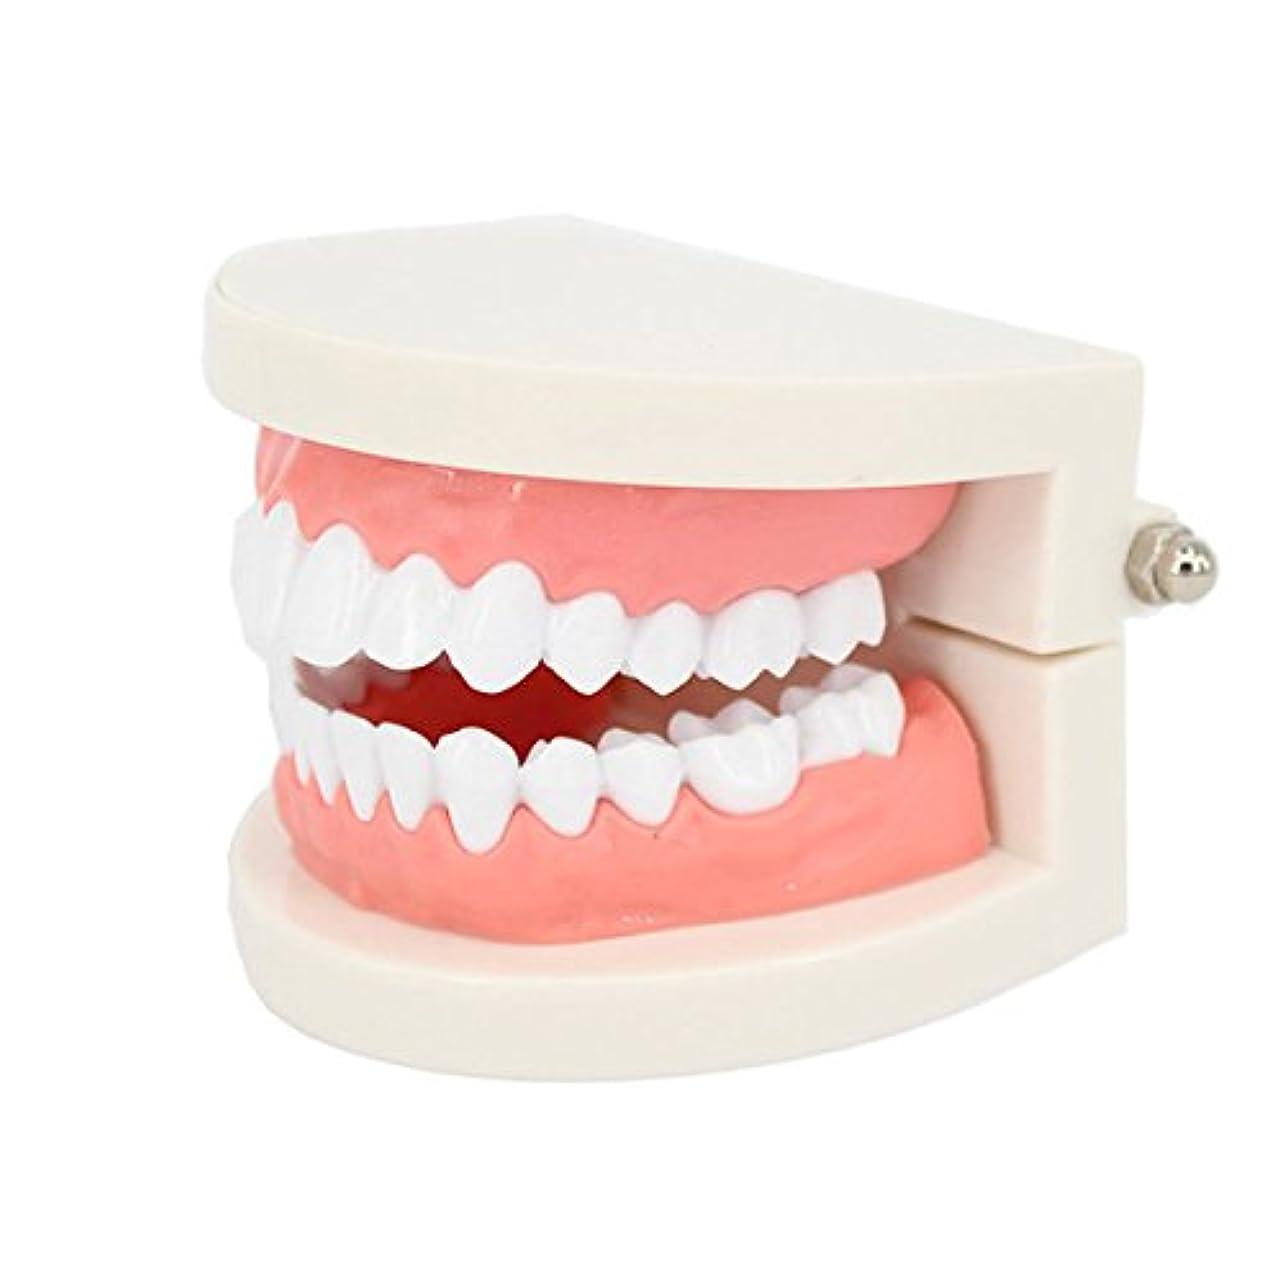 不器用外交バンカーROSENICE 歯科医 歯列模型 歯は着脱可能 指導用模型